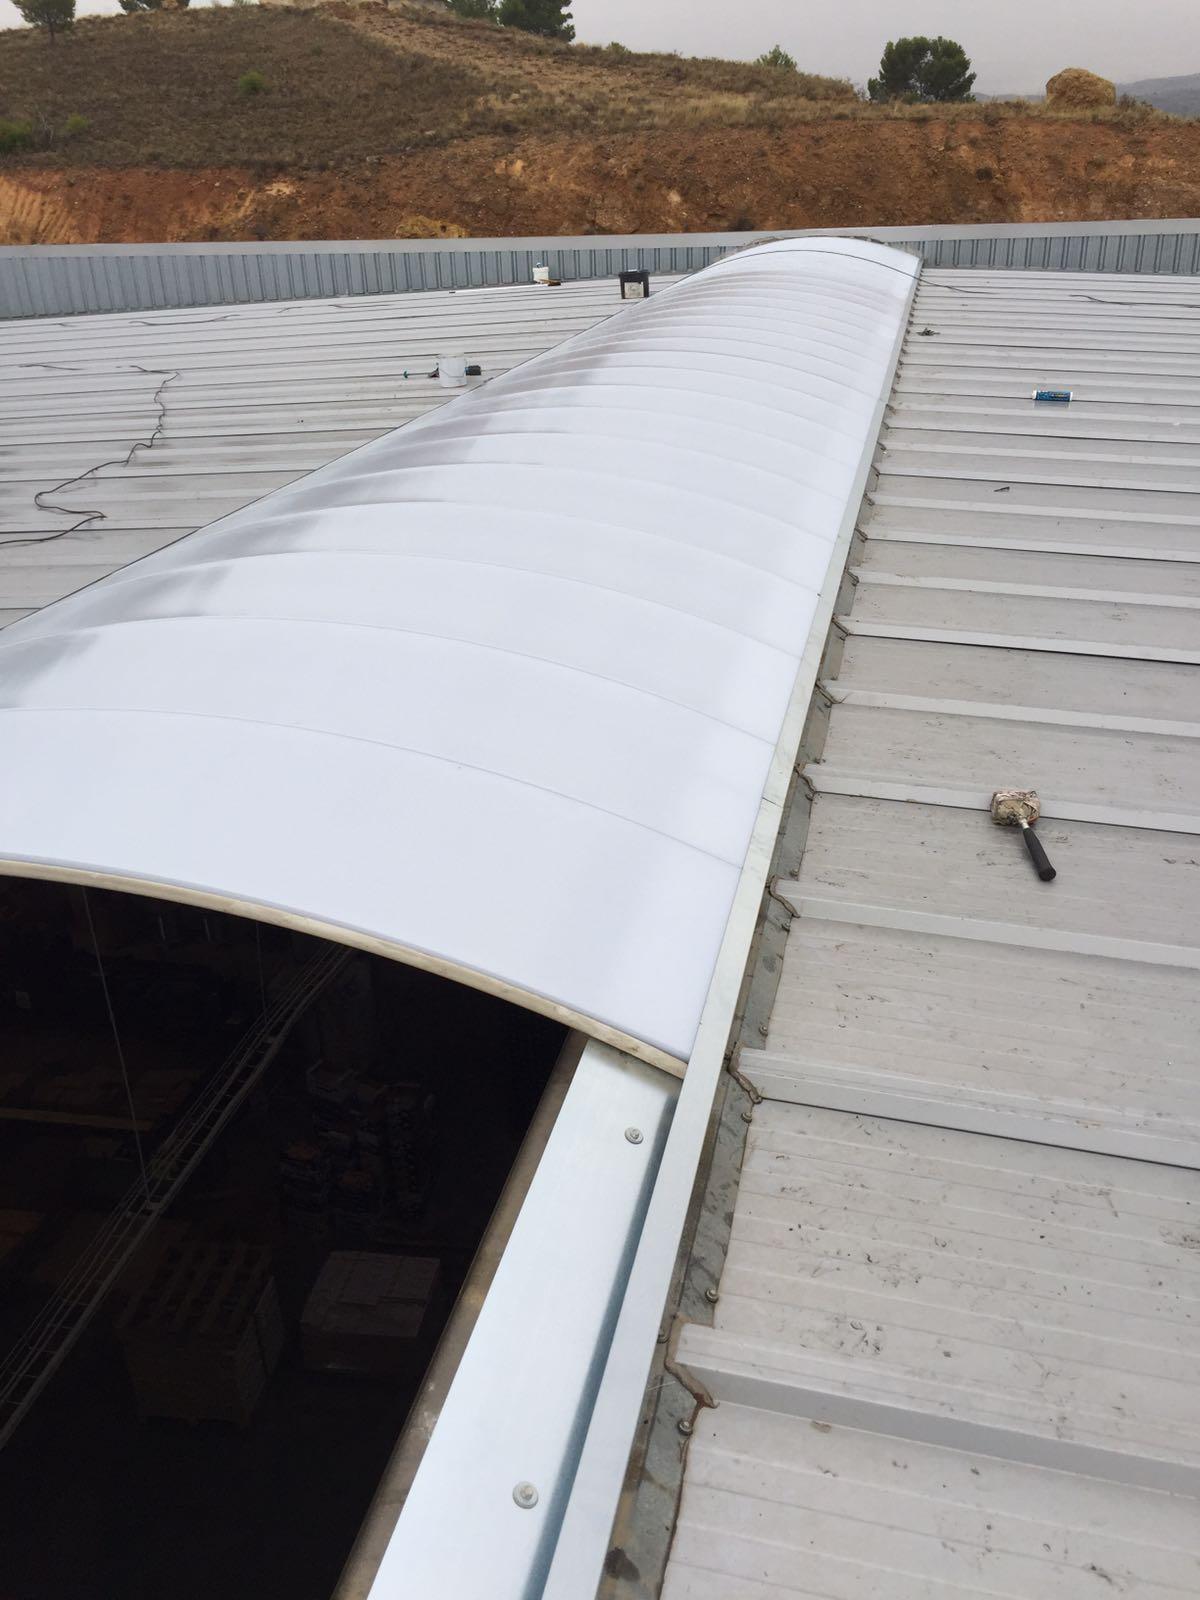 policarbonato celular en cúpula y panel de policarbonato 30mm de espesor, Mansilla cortes, Calatayud